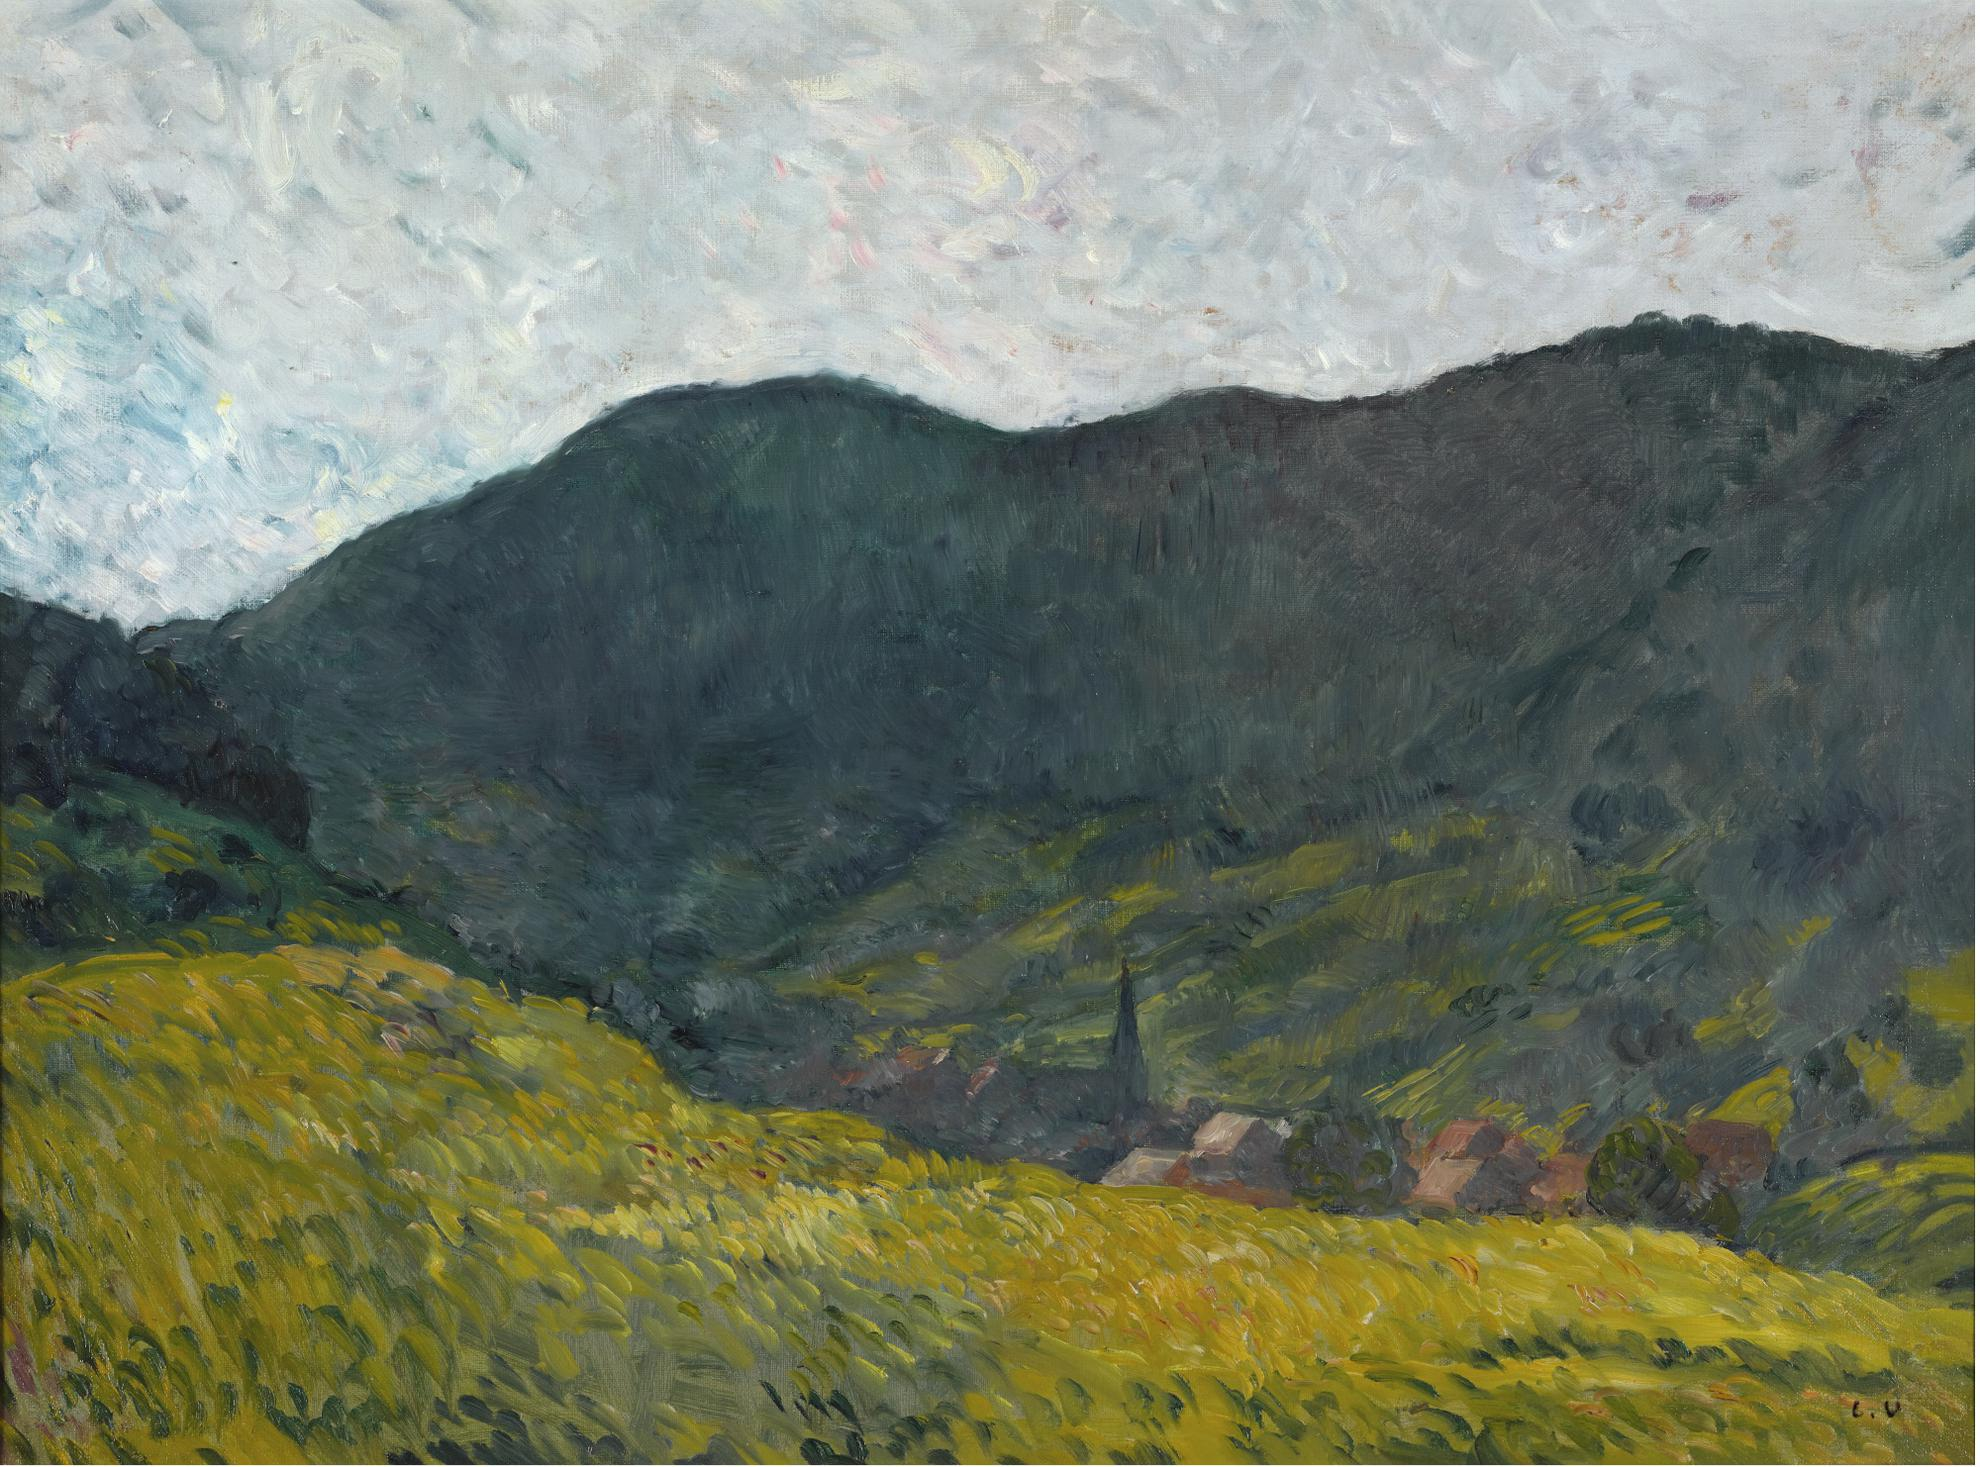 Louis Valtat-Le Village Dans La Vallee-1900